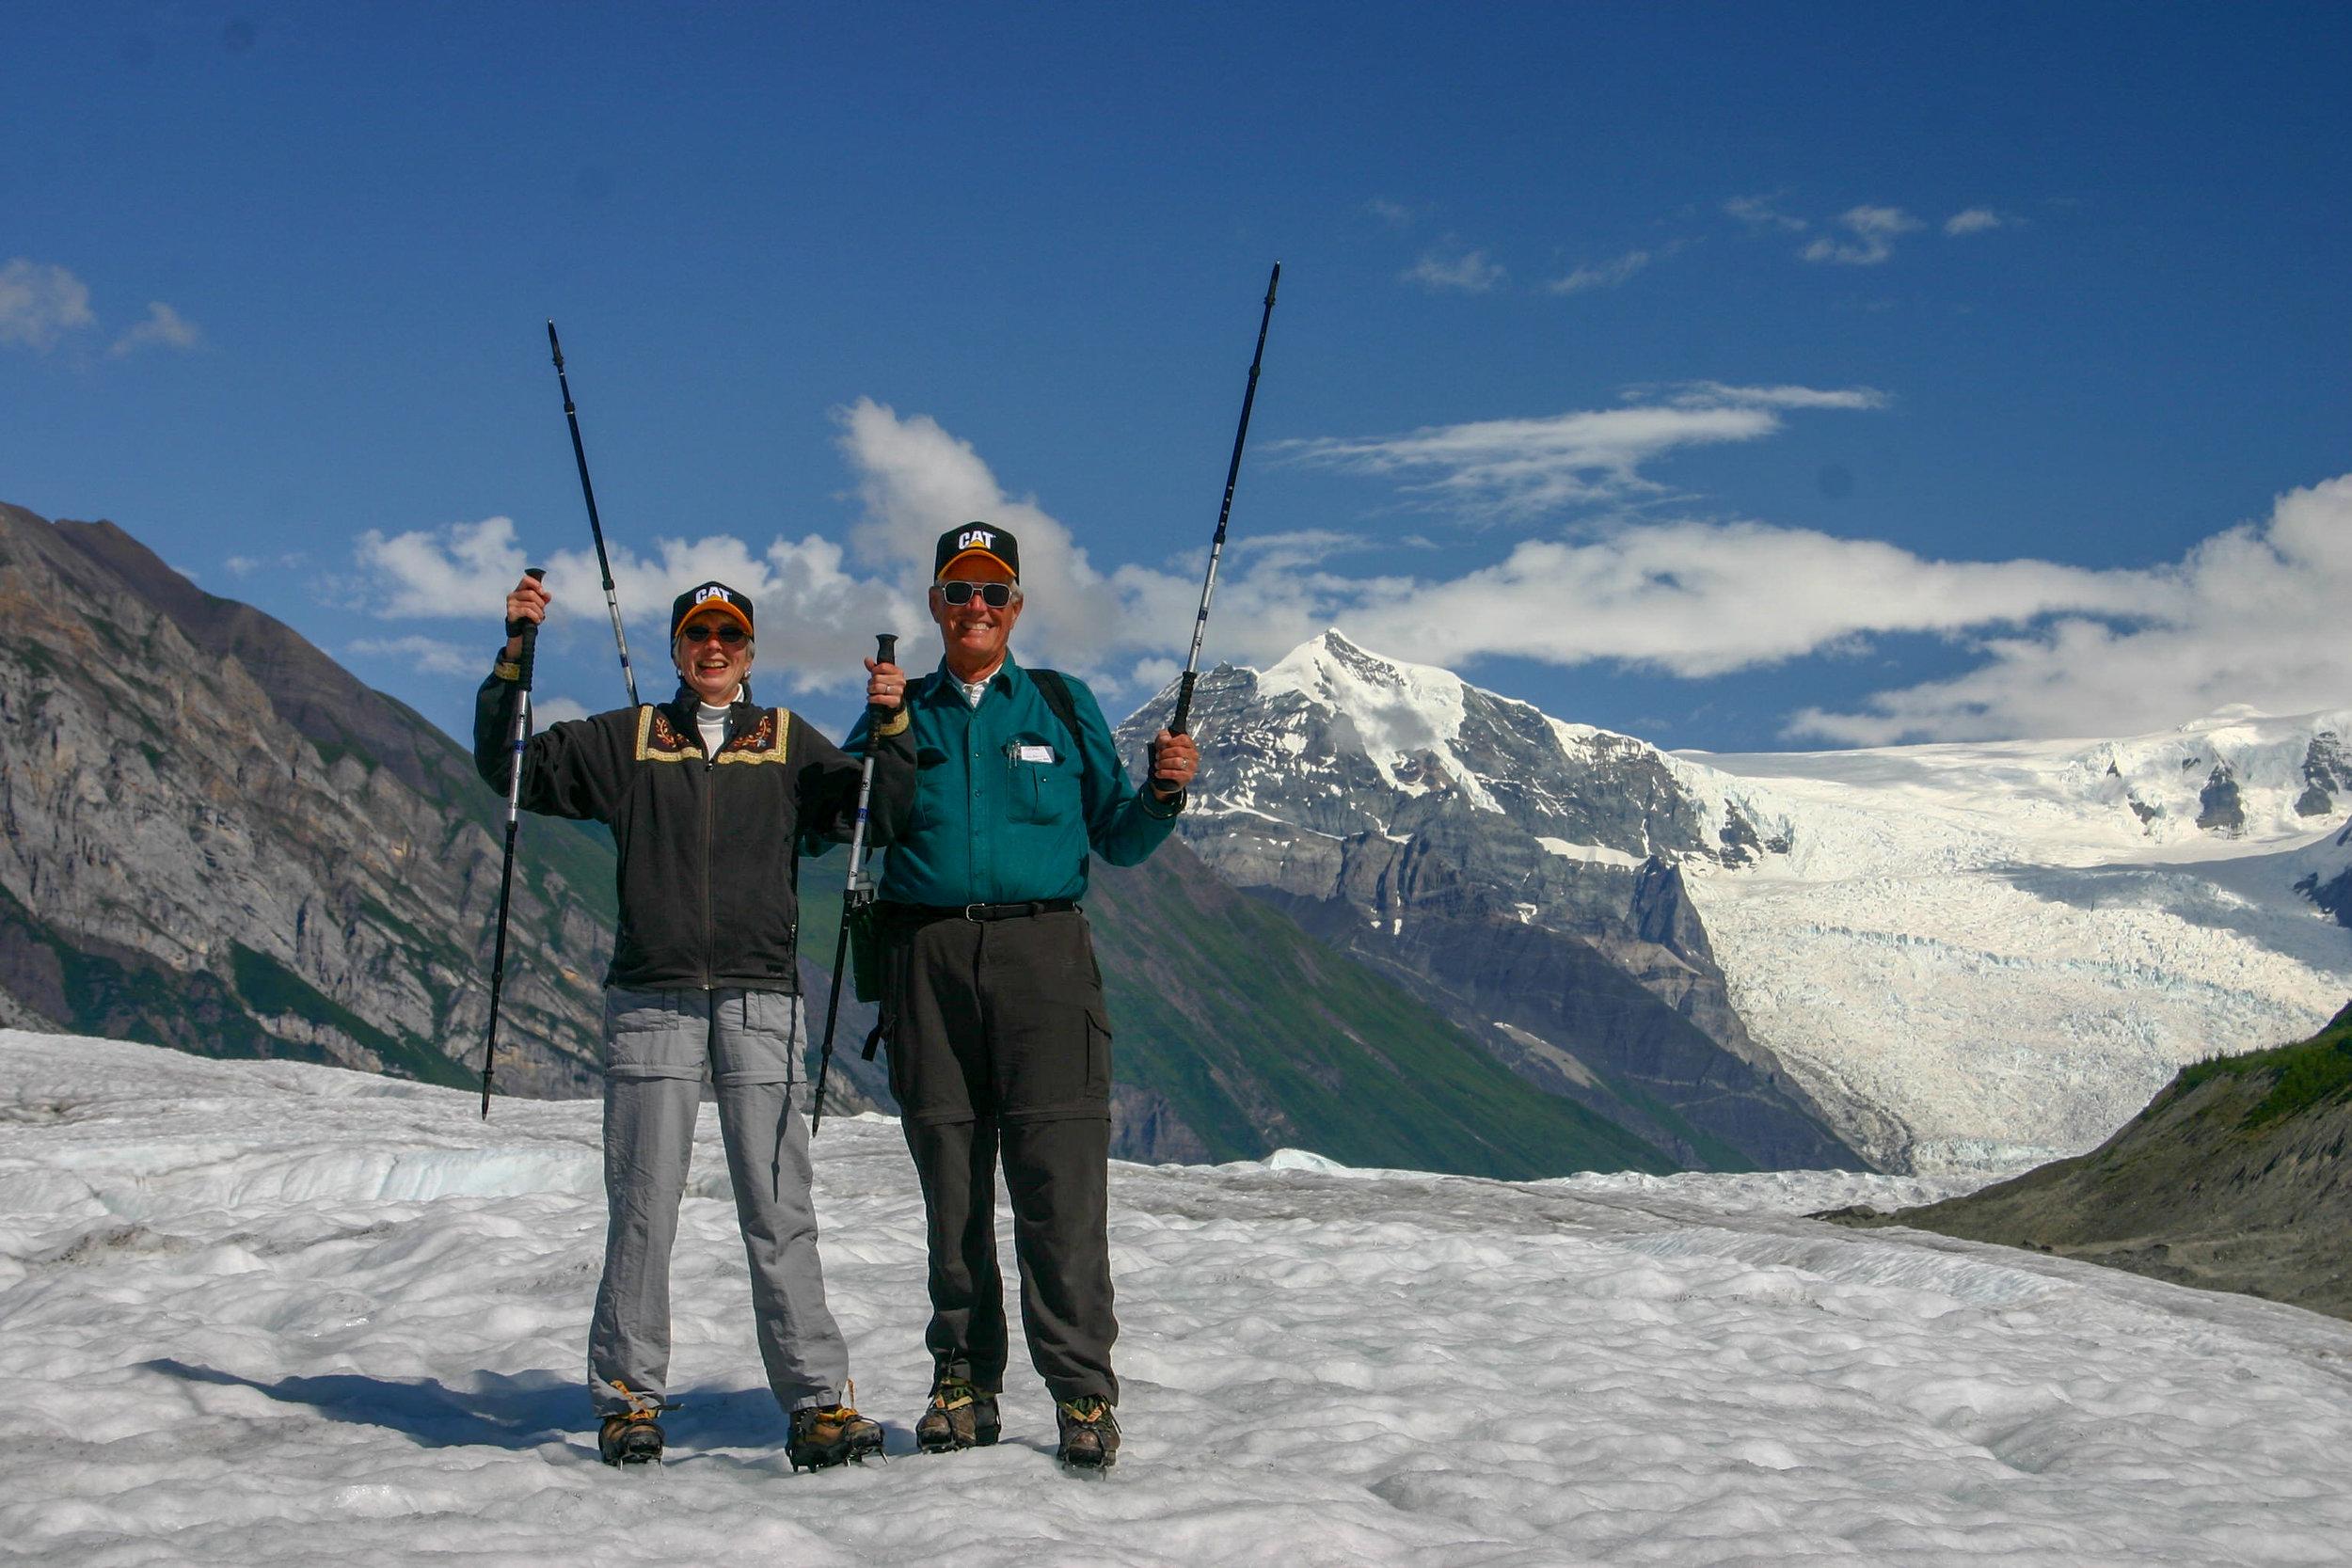 Glacier Adventure Day-Trip: Happy Hiker Couple